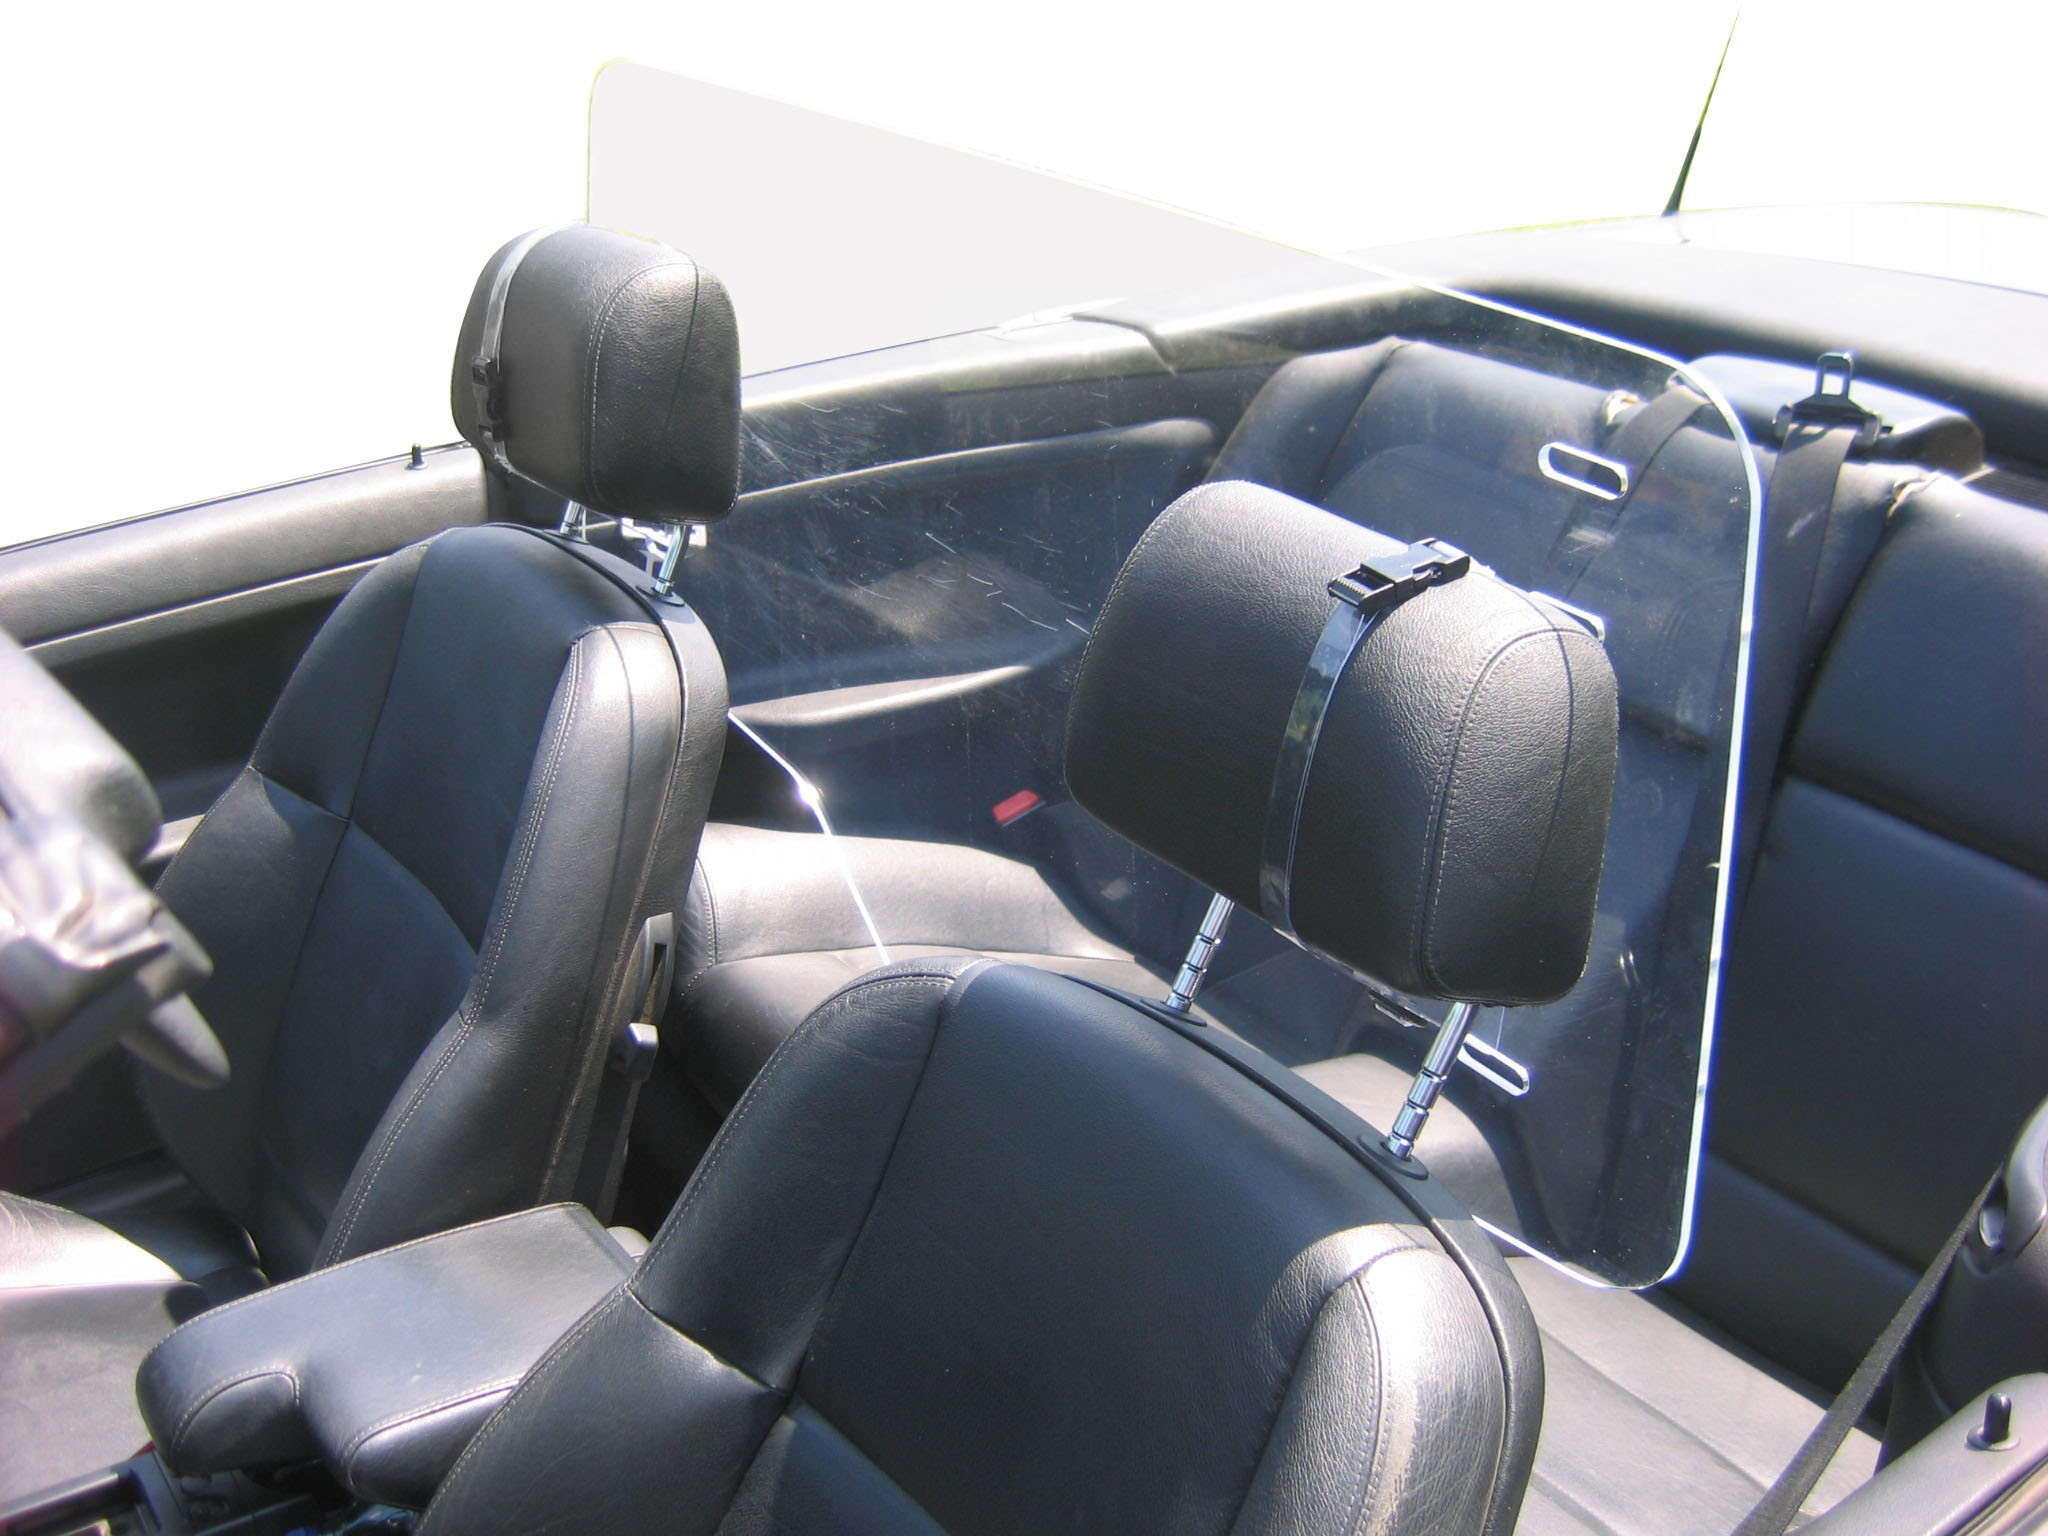 Toyota Solara Large